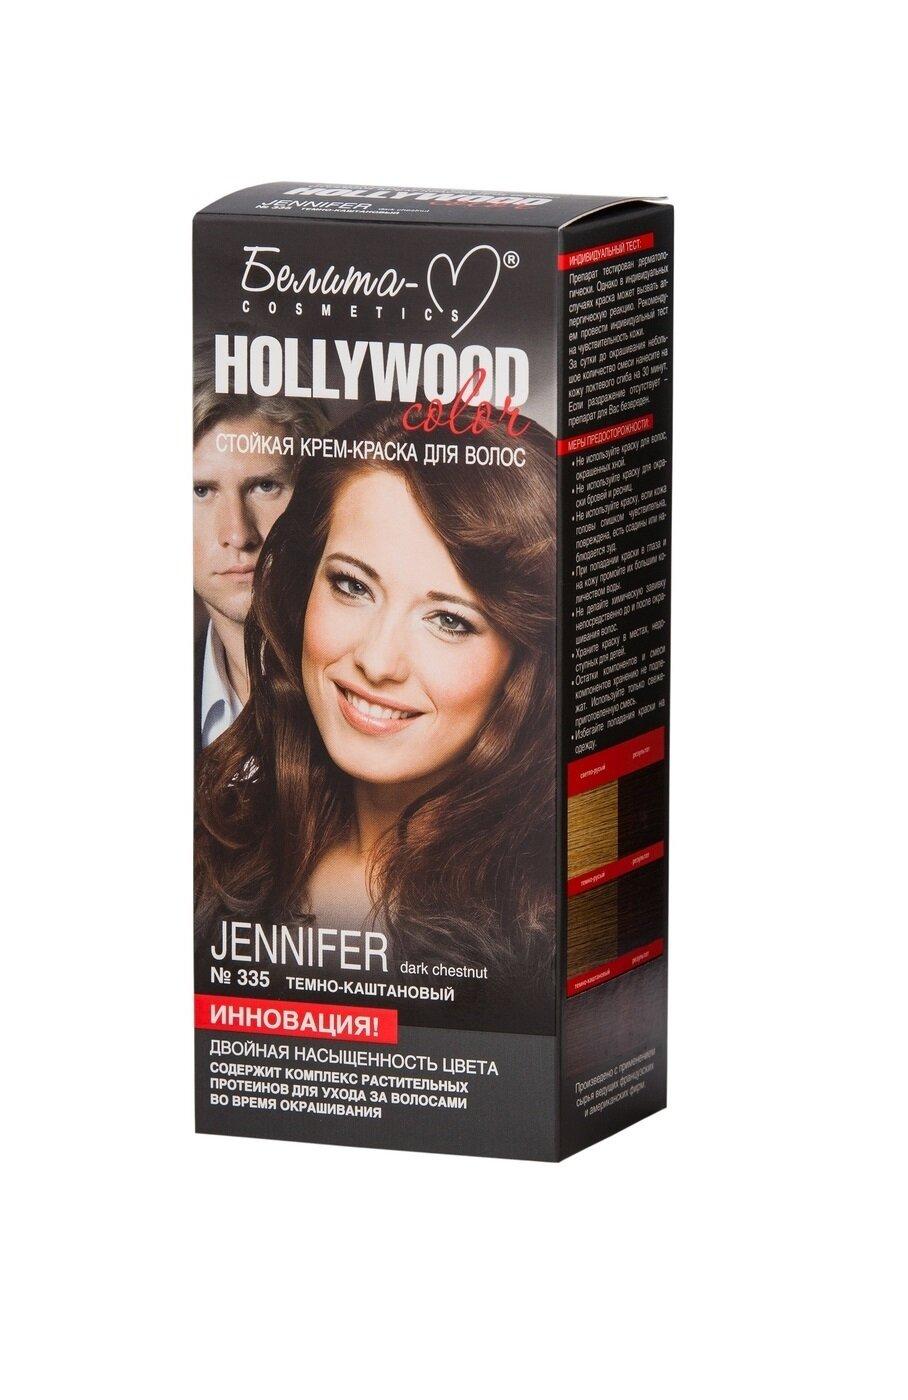 КРЕМ-КРАСКА стойка для волос Hollywood color | тон 335 Jeniferr (темно-каштановый) | Belita-M